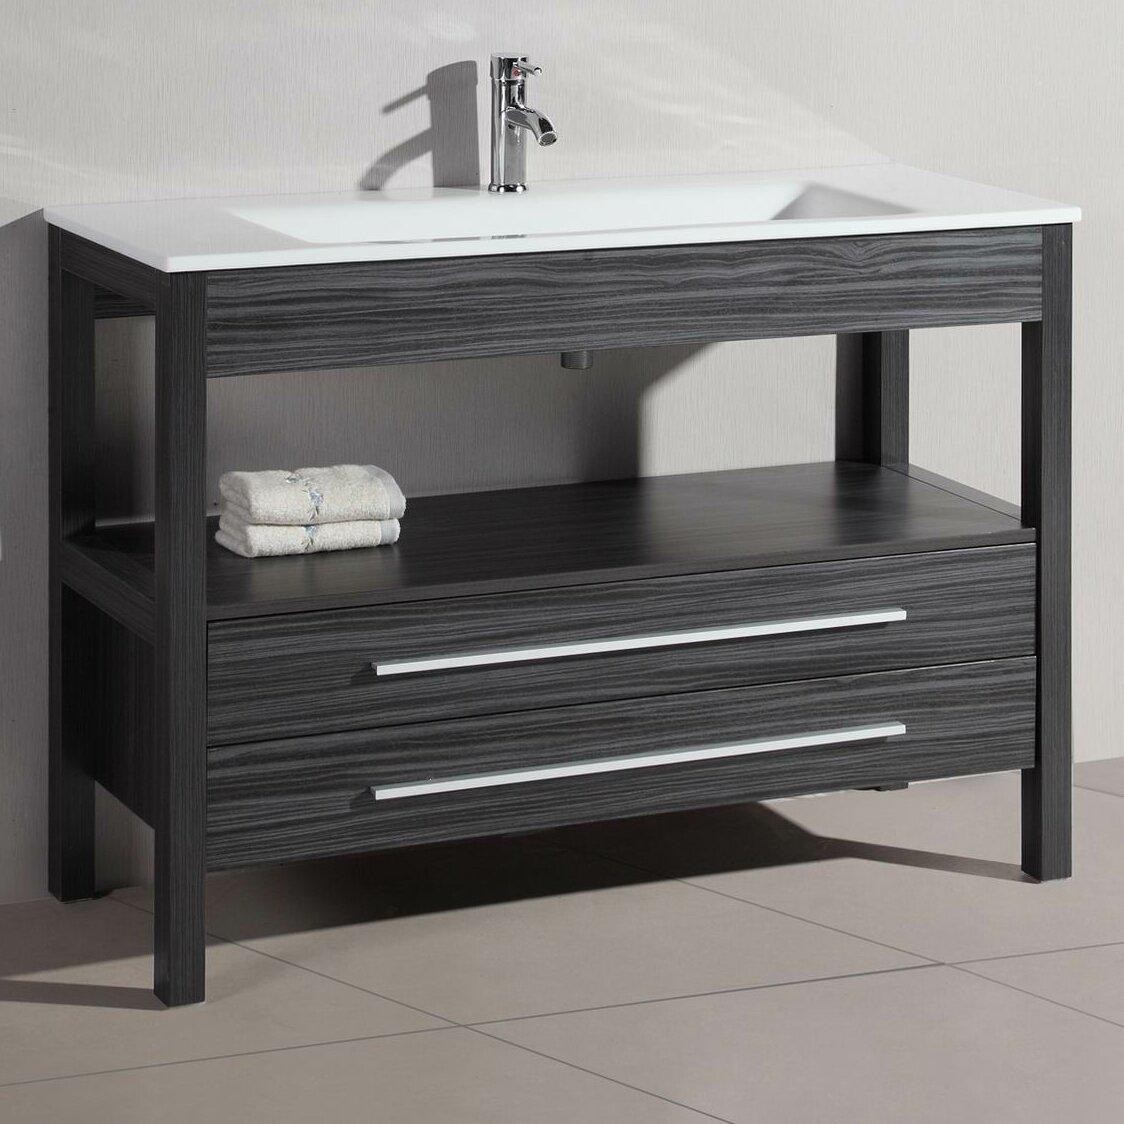 48 single modern bathroom vanity reviews allmodern for All modern bathroom vanity